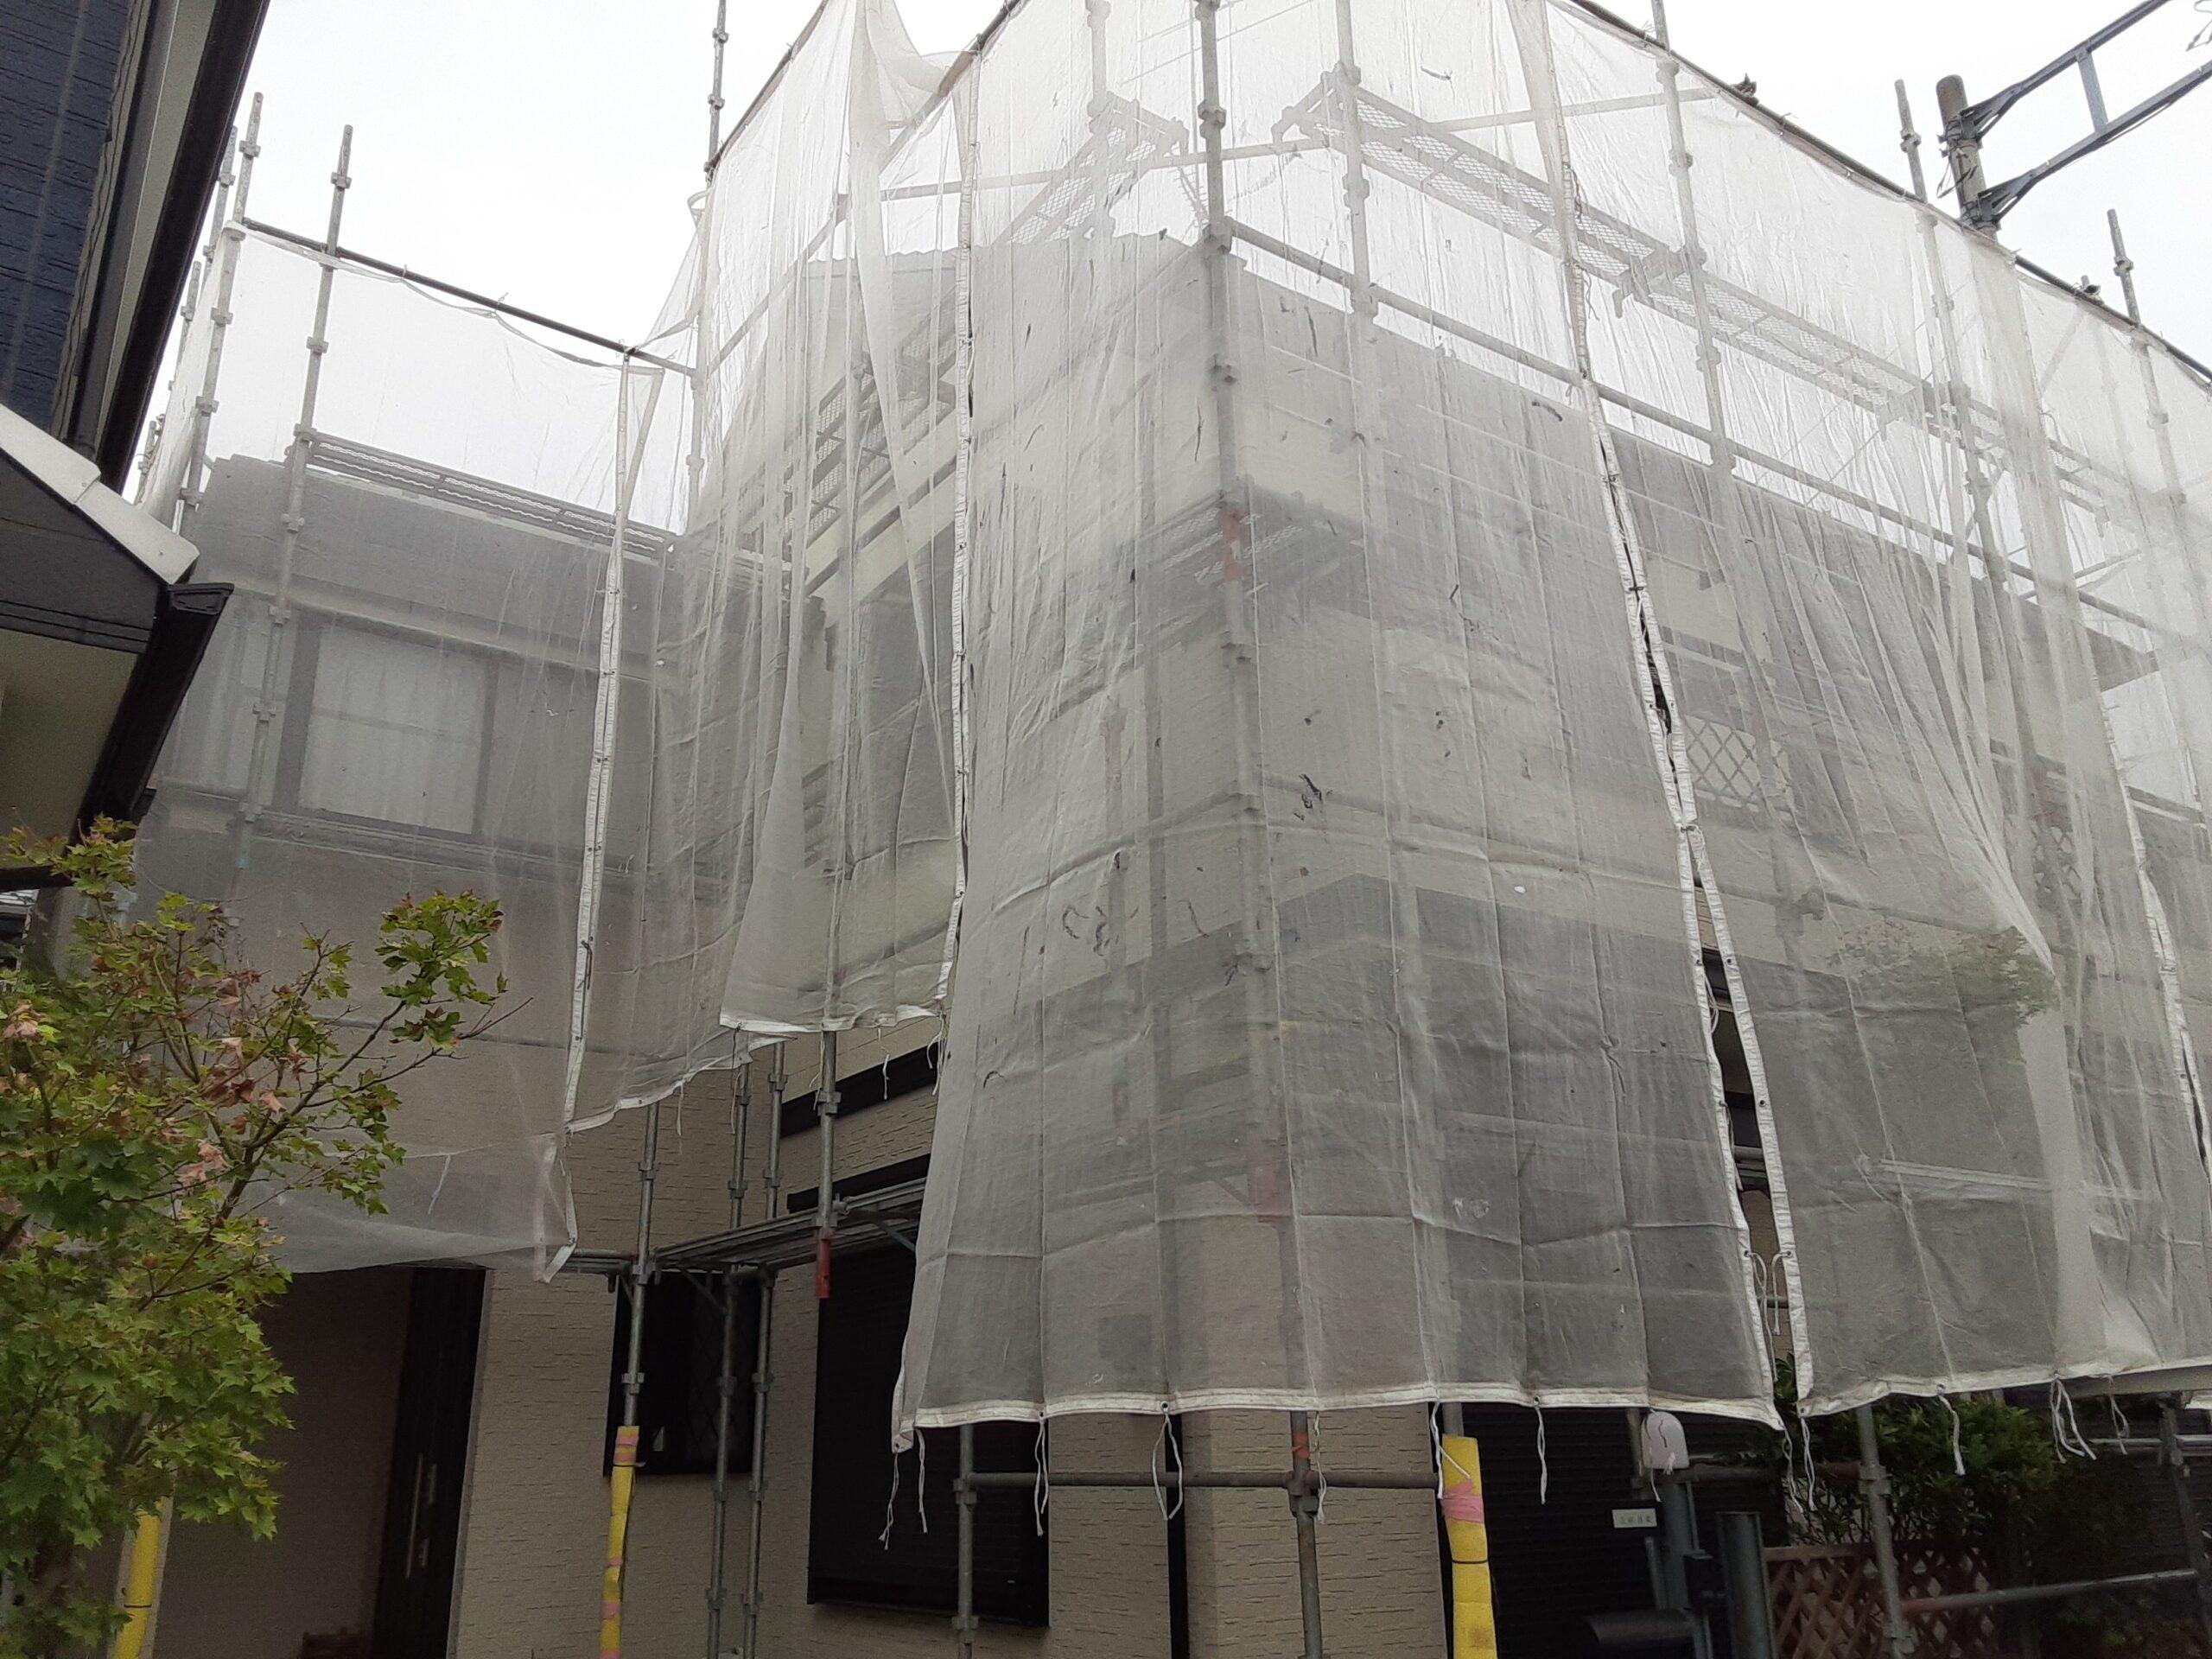 埼玉県さいたま市 屋根、外壁の高圧洗浄/さいたま市桜区の(木造2階建て)W様邸にて塗り替えリホーム